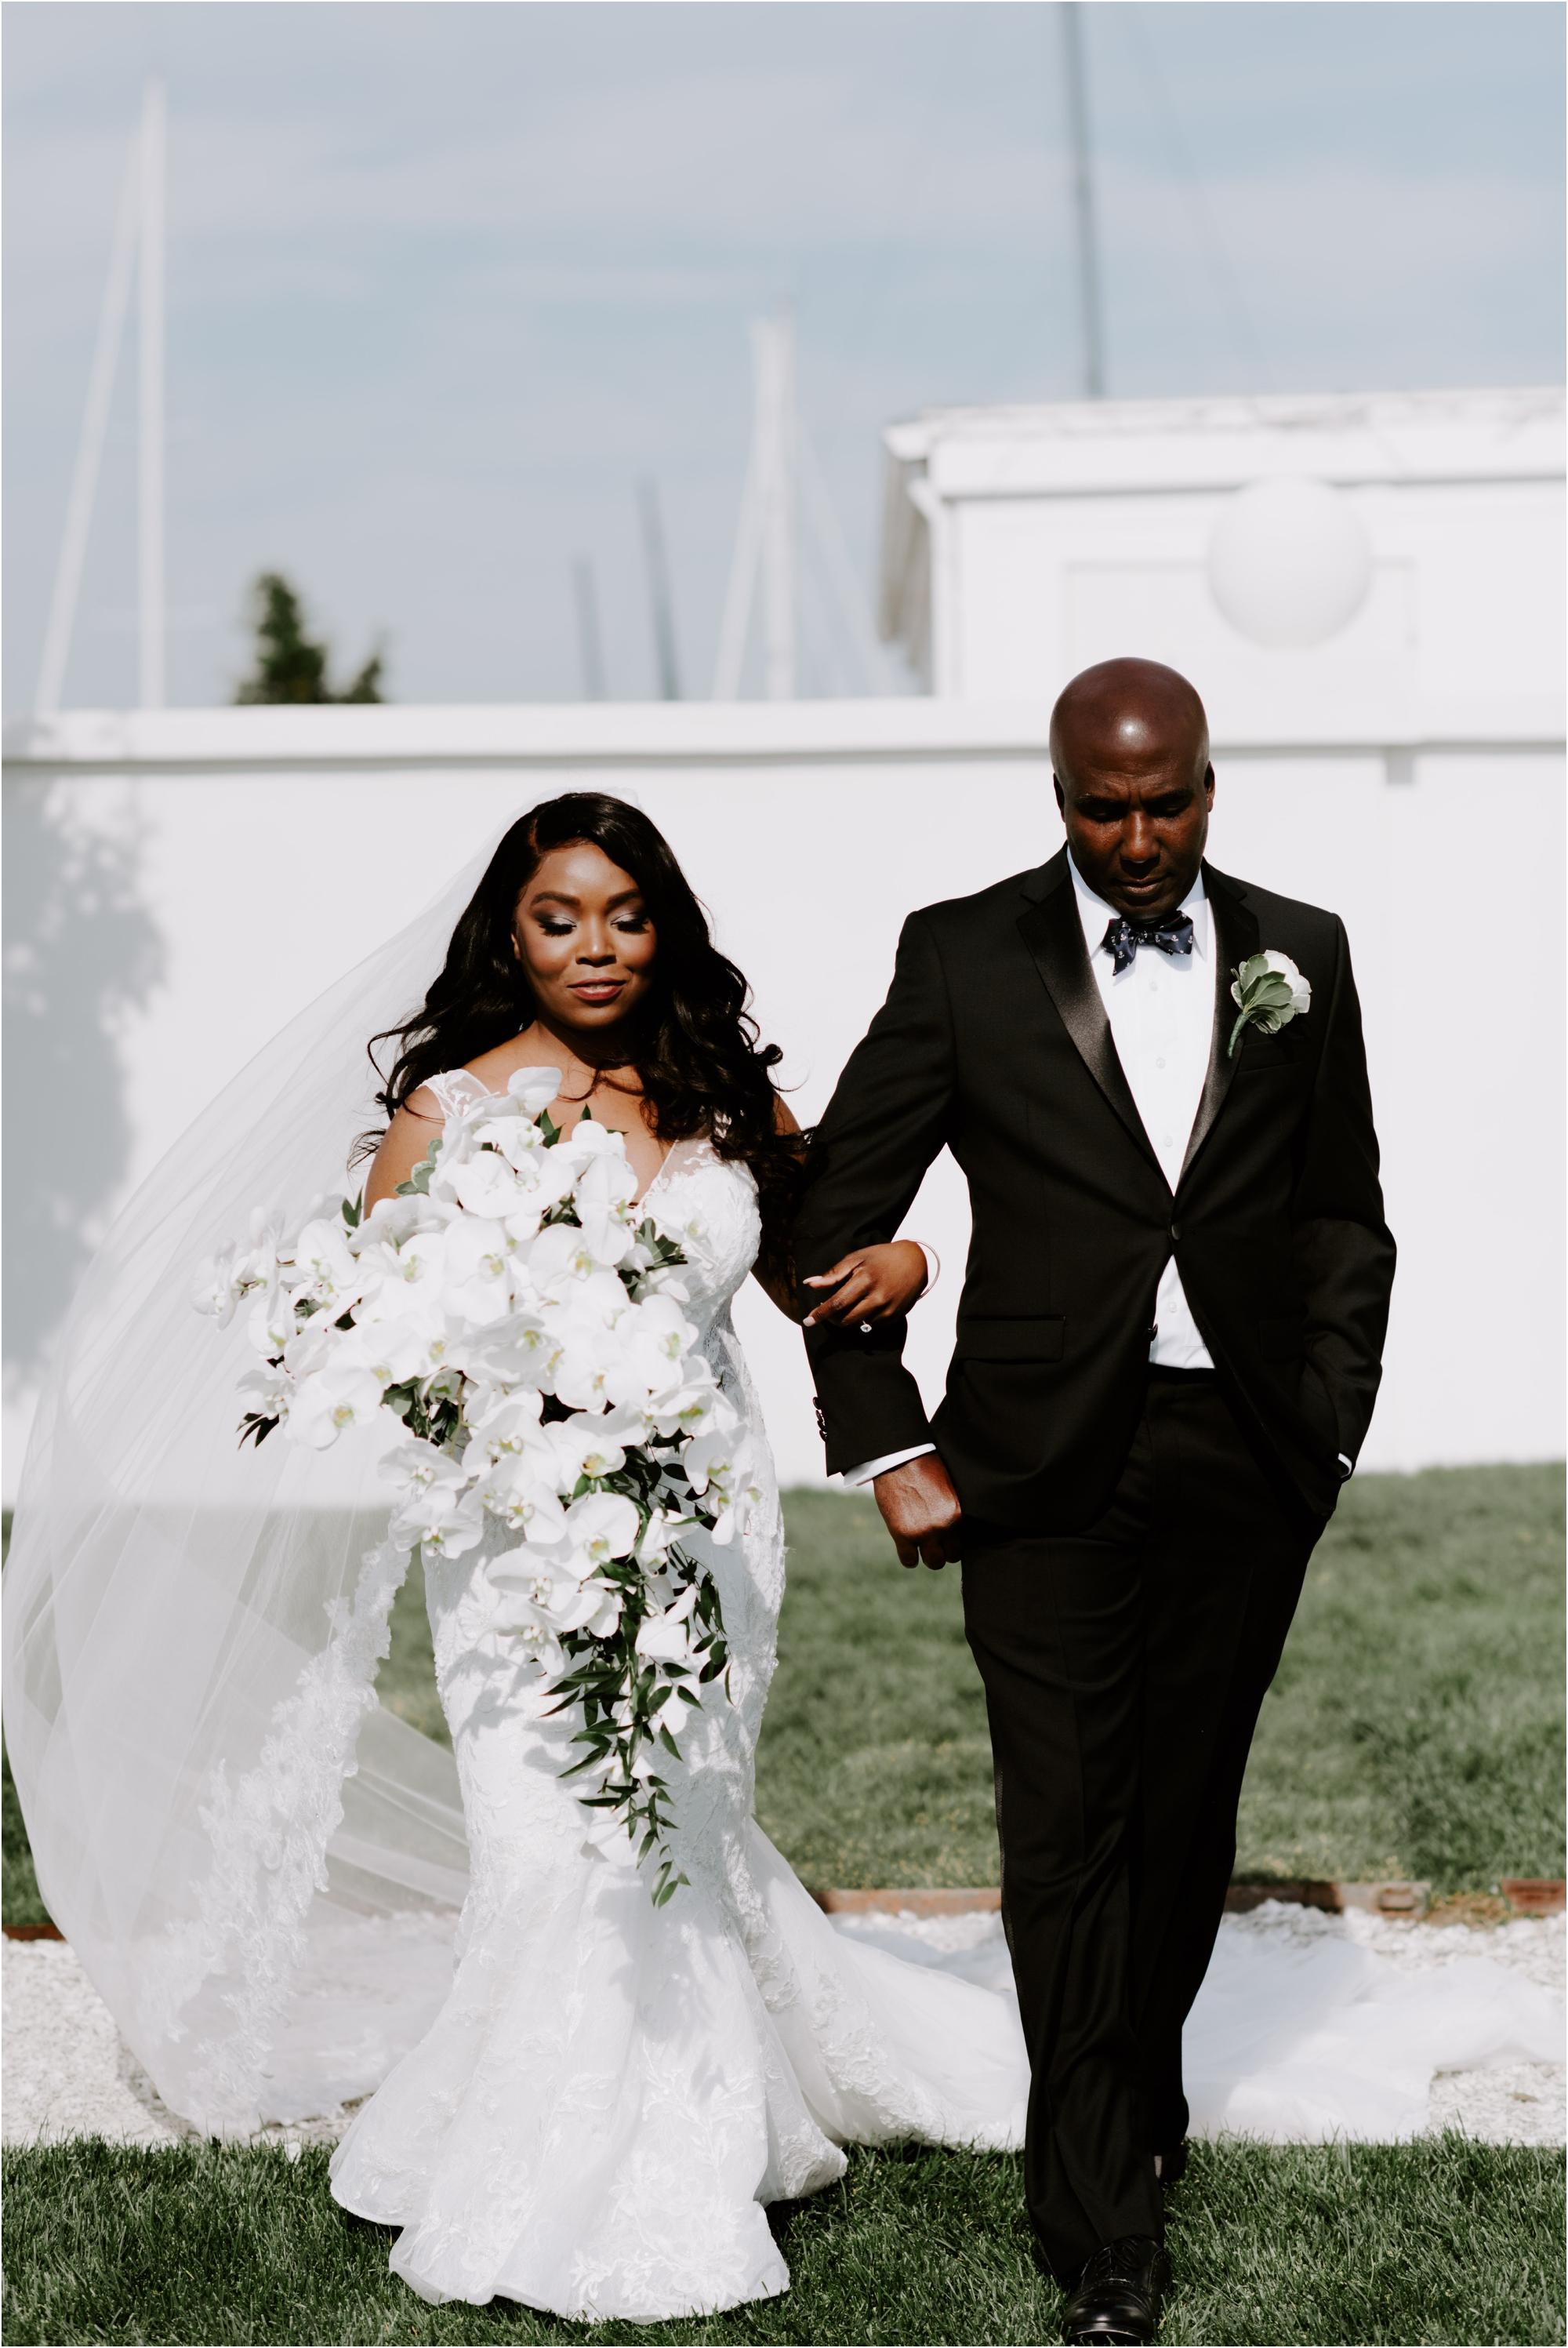 JANELLEANDJULIAN-wedding-madelinerosephotographyco_0021.jpg